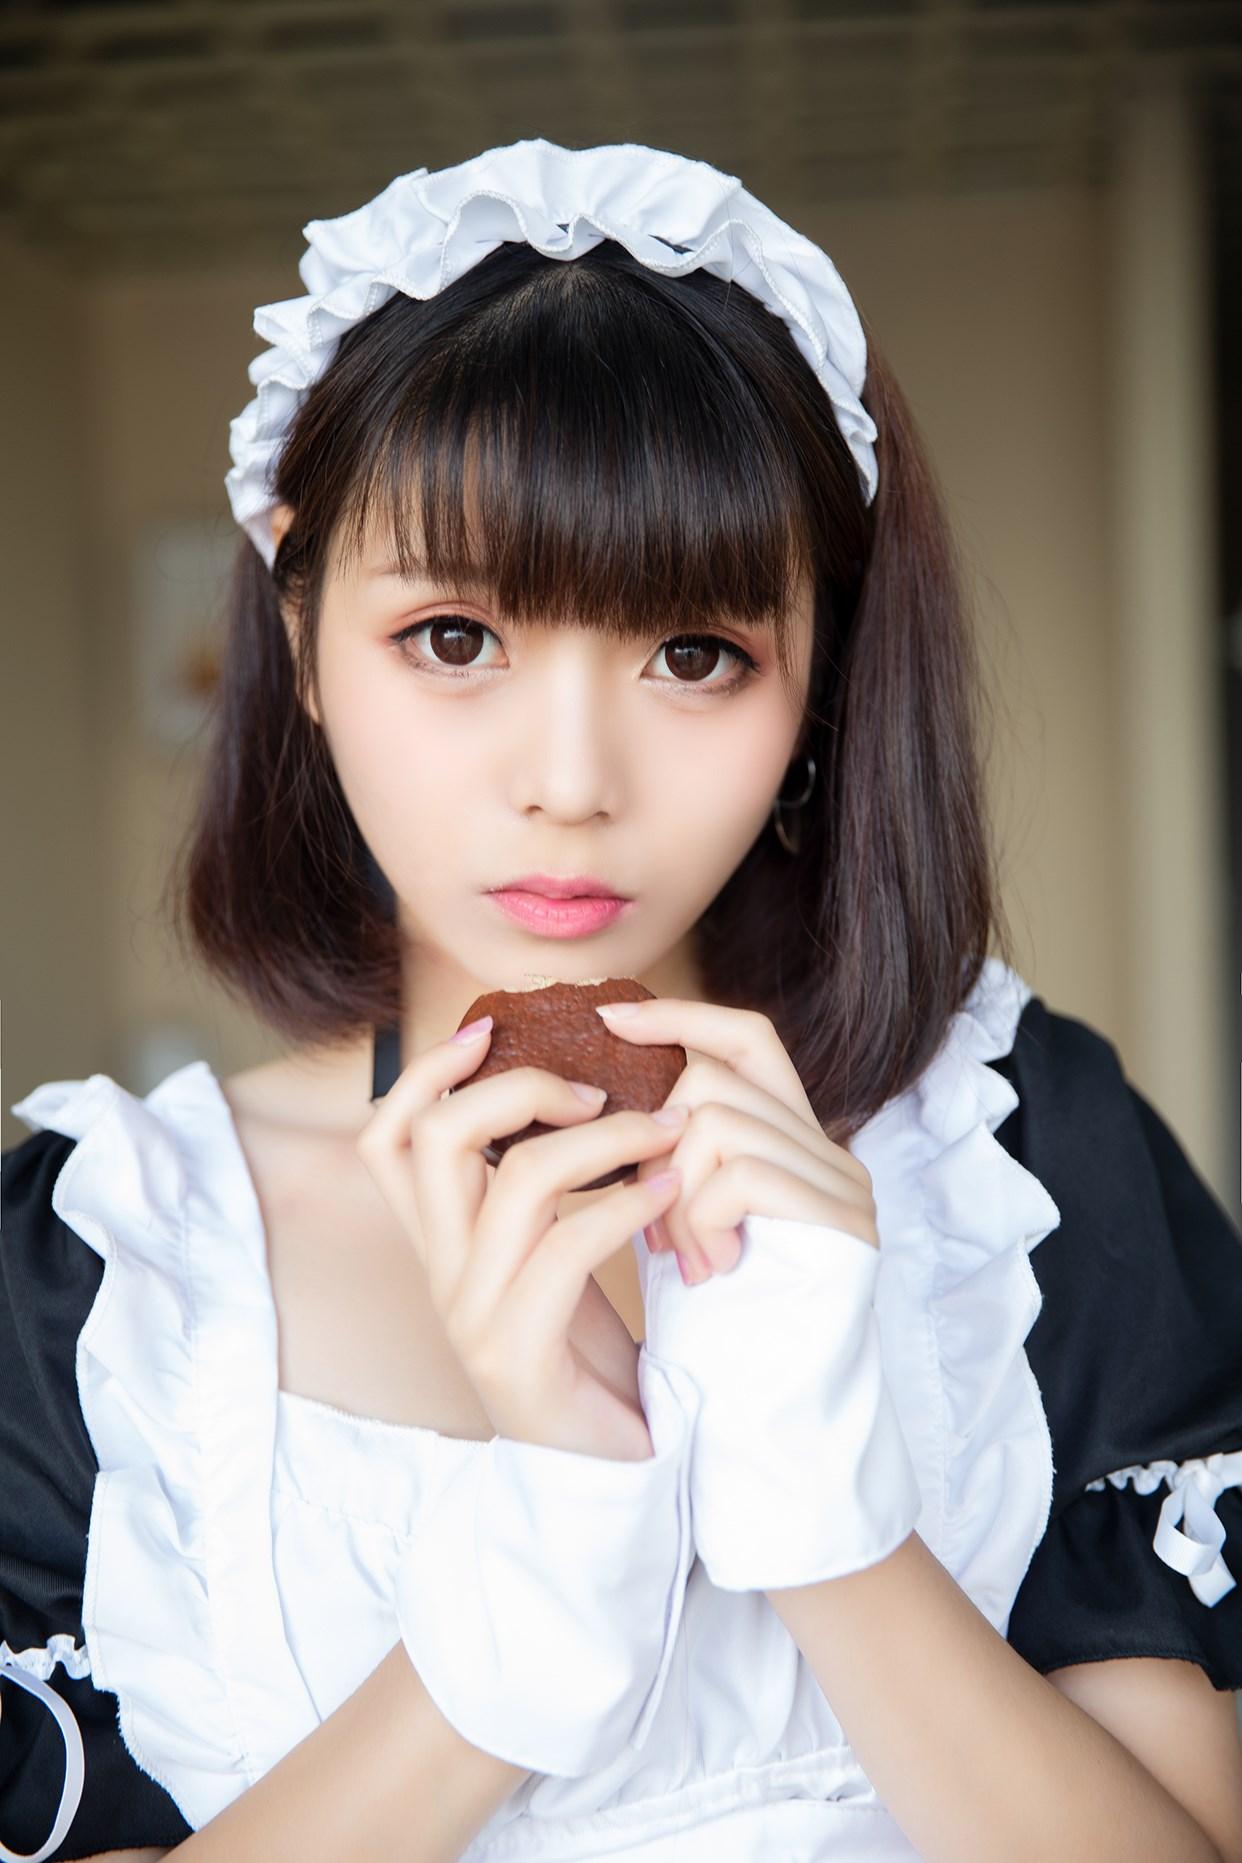 【兔玩映画】vol.03-萝莉女仆 兔玩映画 第36张